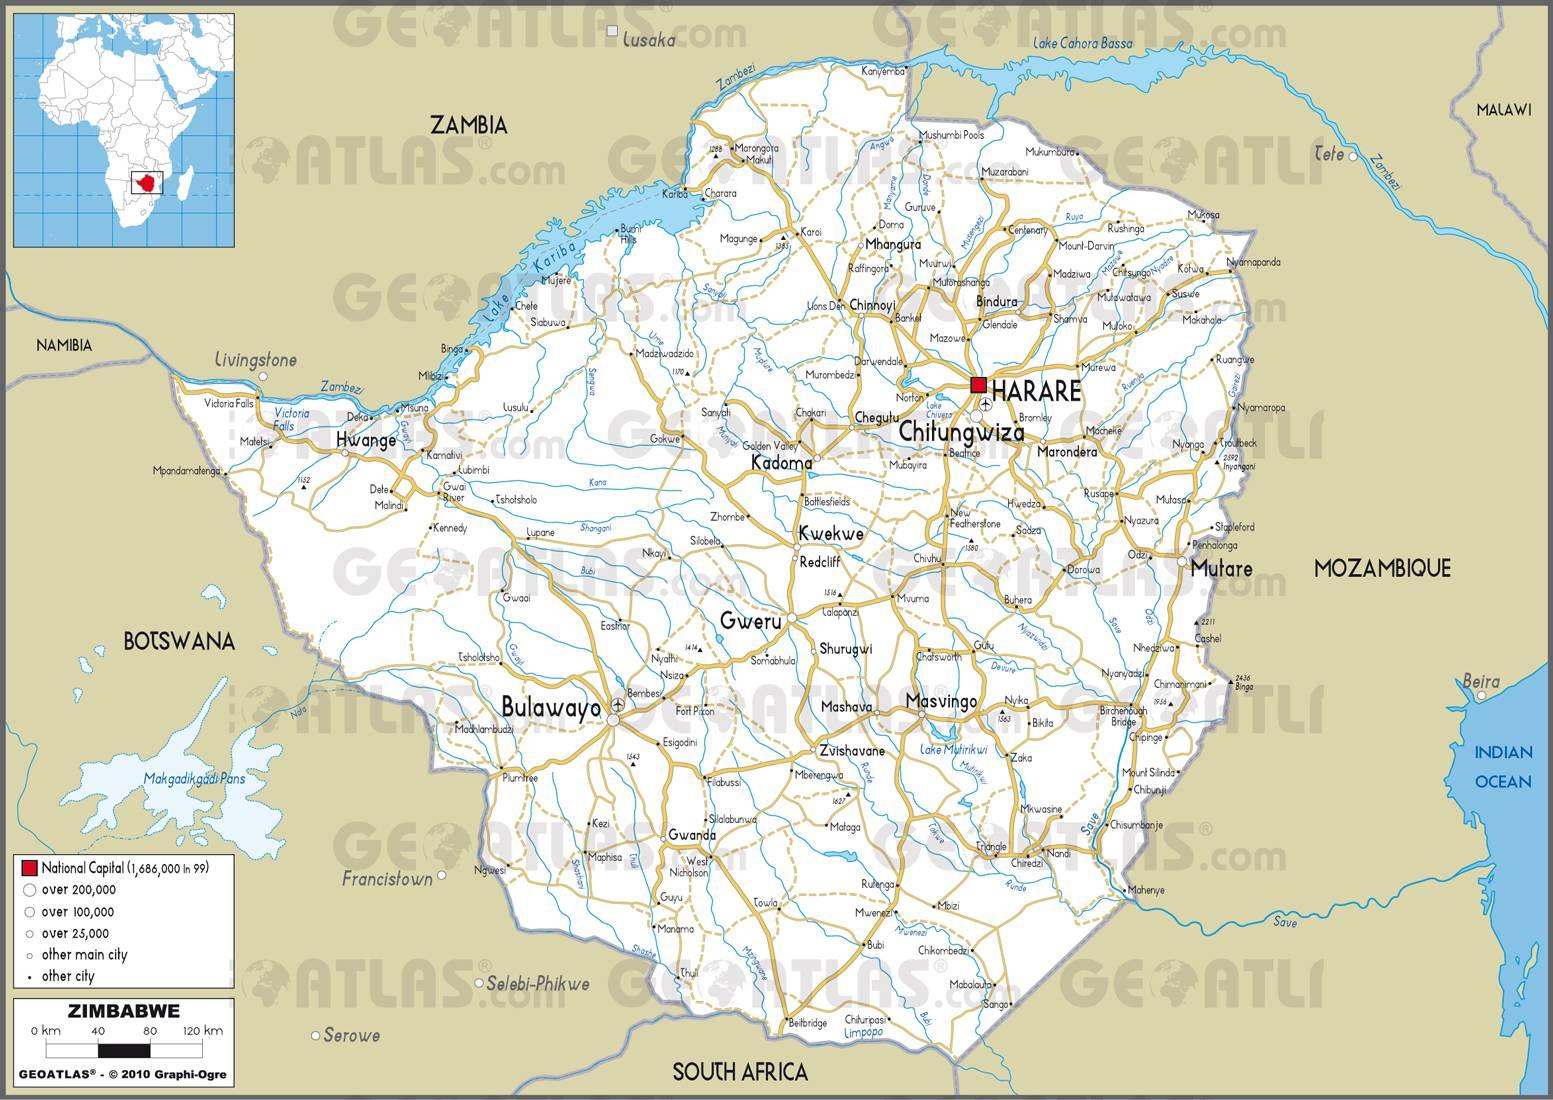 Carte routière du Zimbabwe